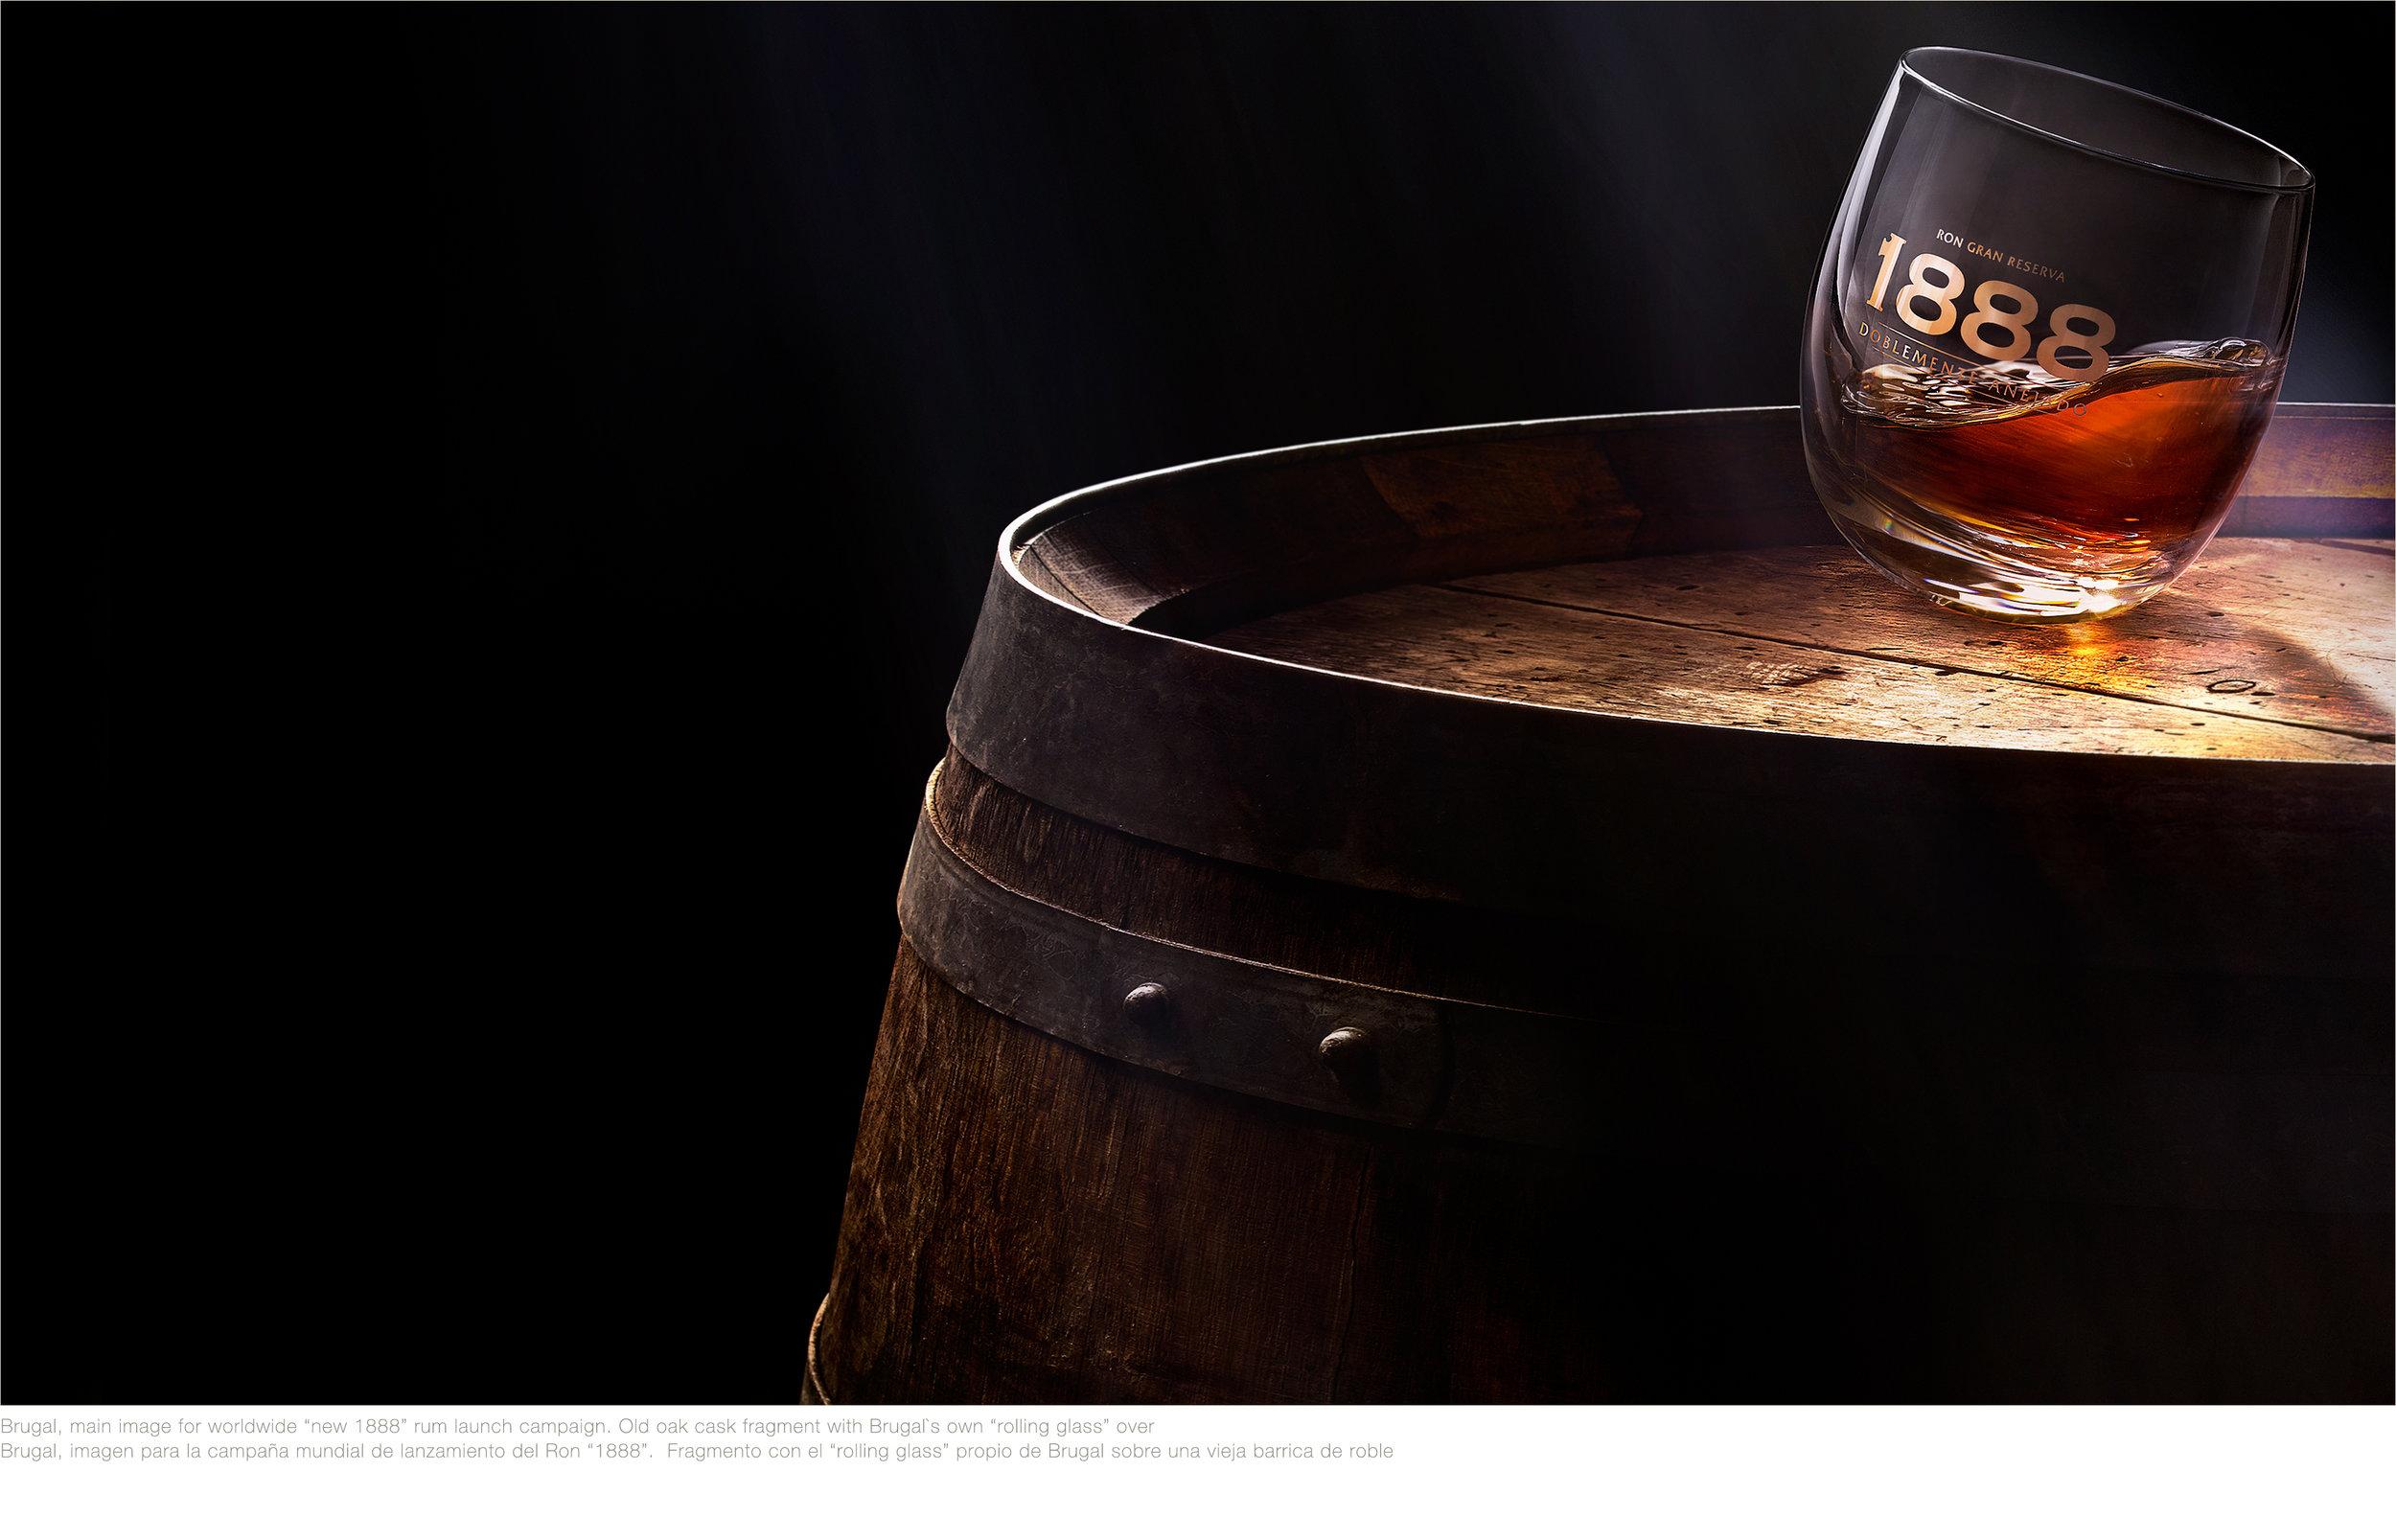 1627-08 Brugal 1888 Fragmento de Barrica con vaso OK.jpg